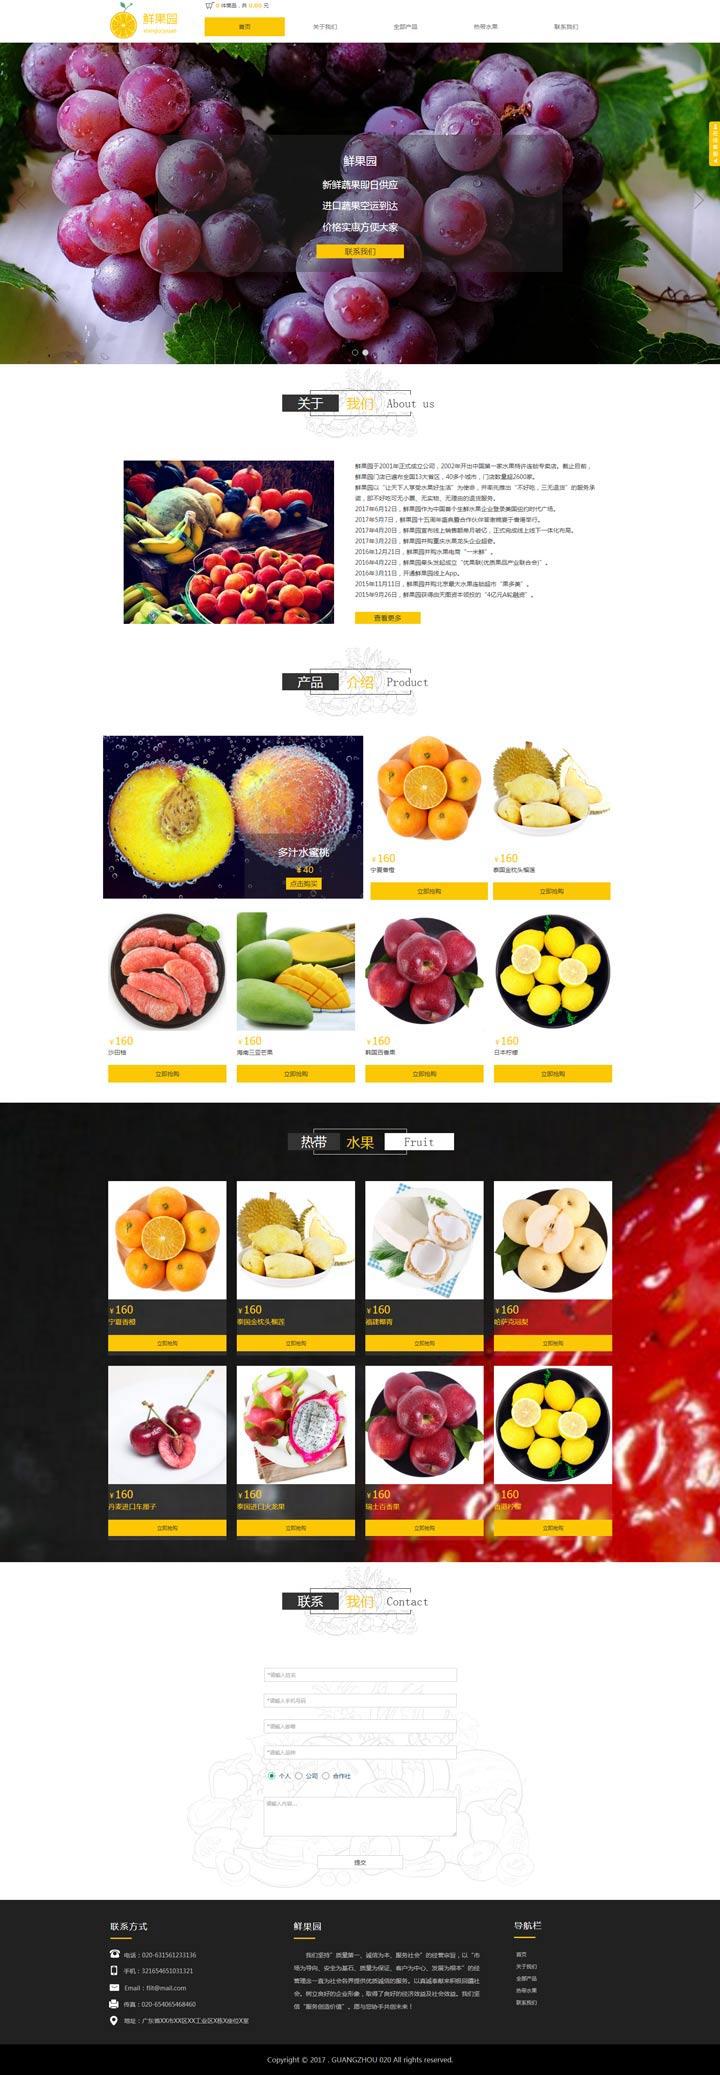 鲜果园商城模板